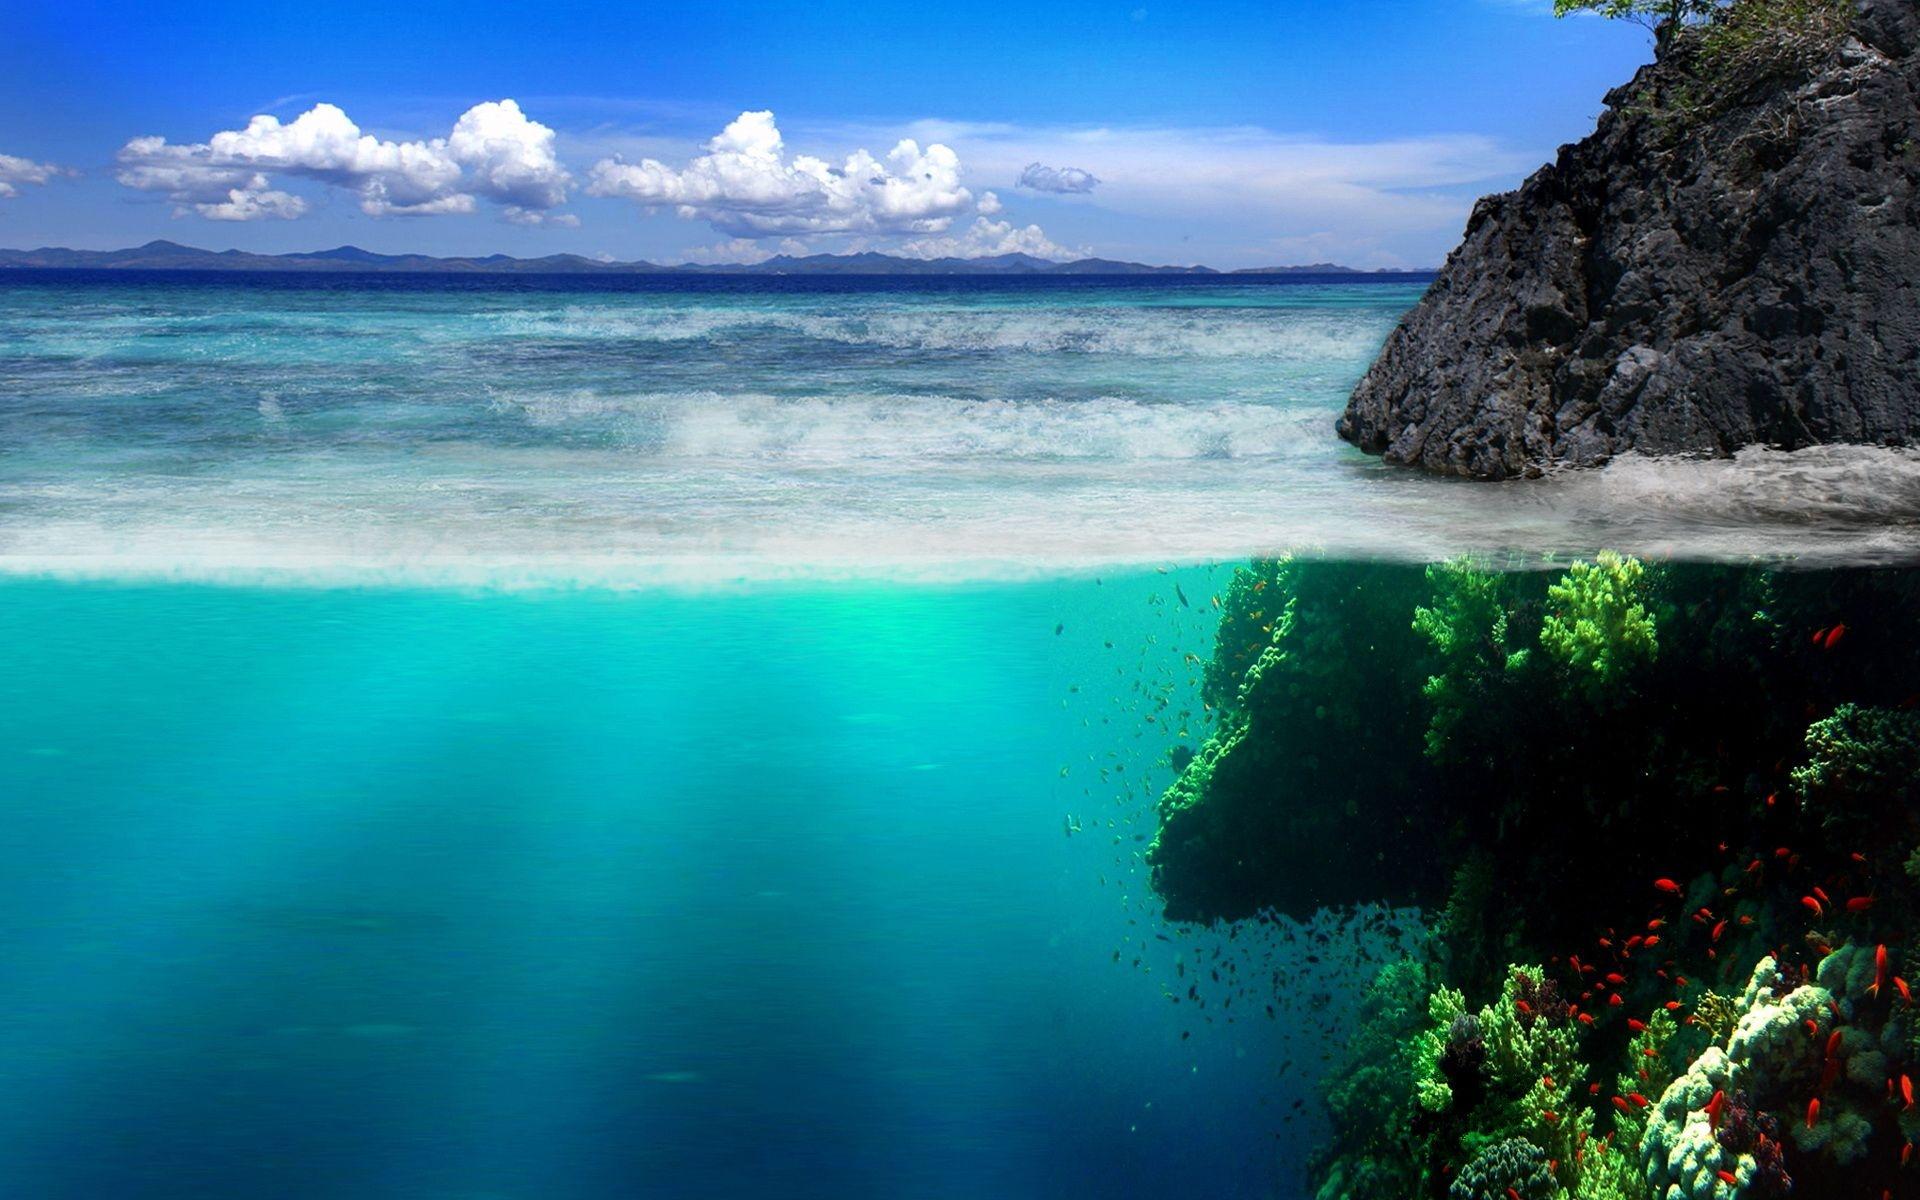 Ocean Landscape 32314 2880x1800 px